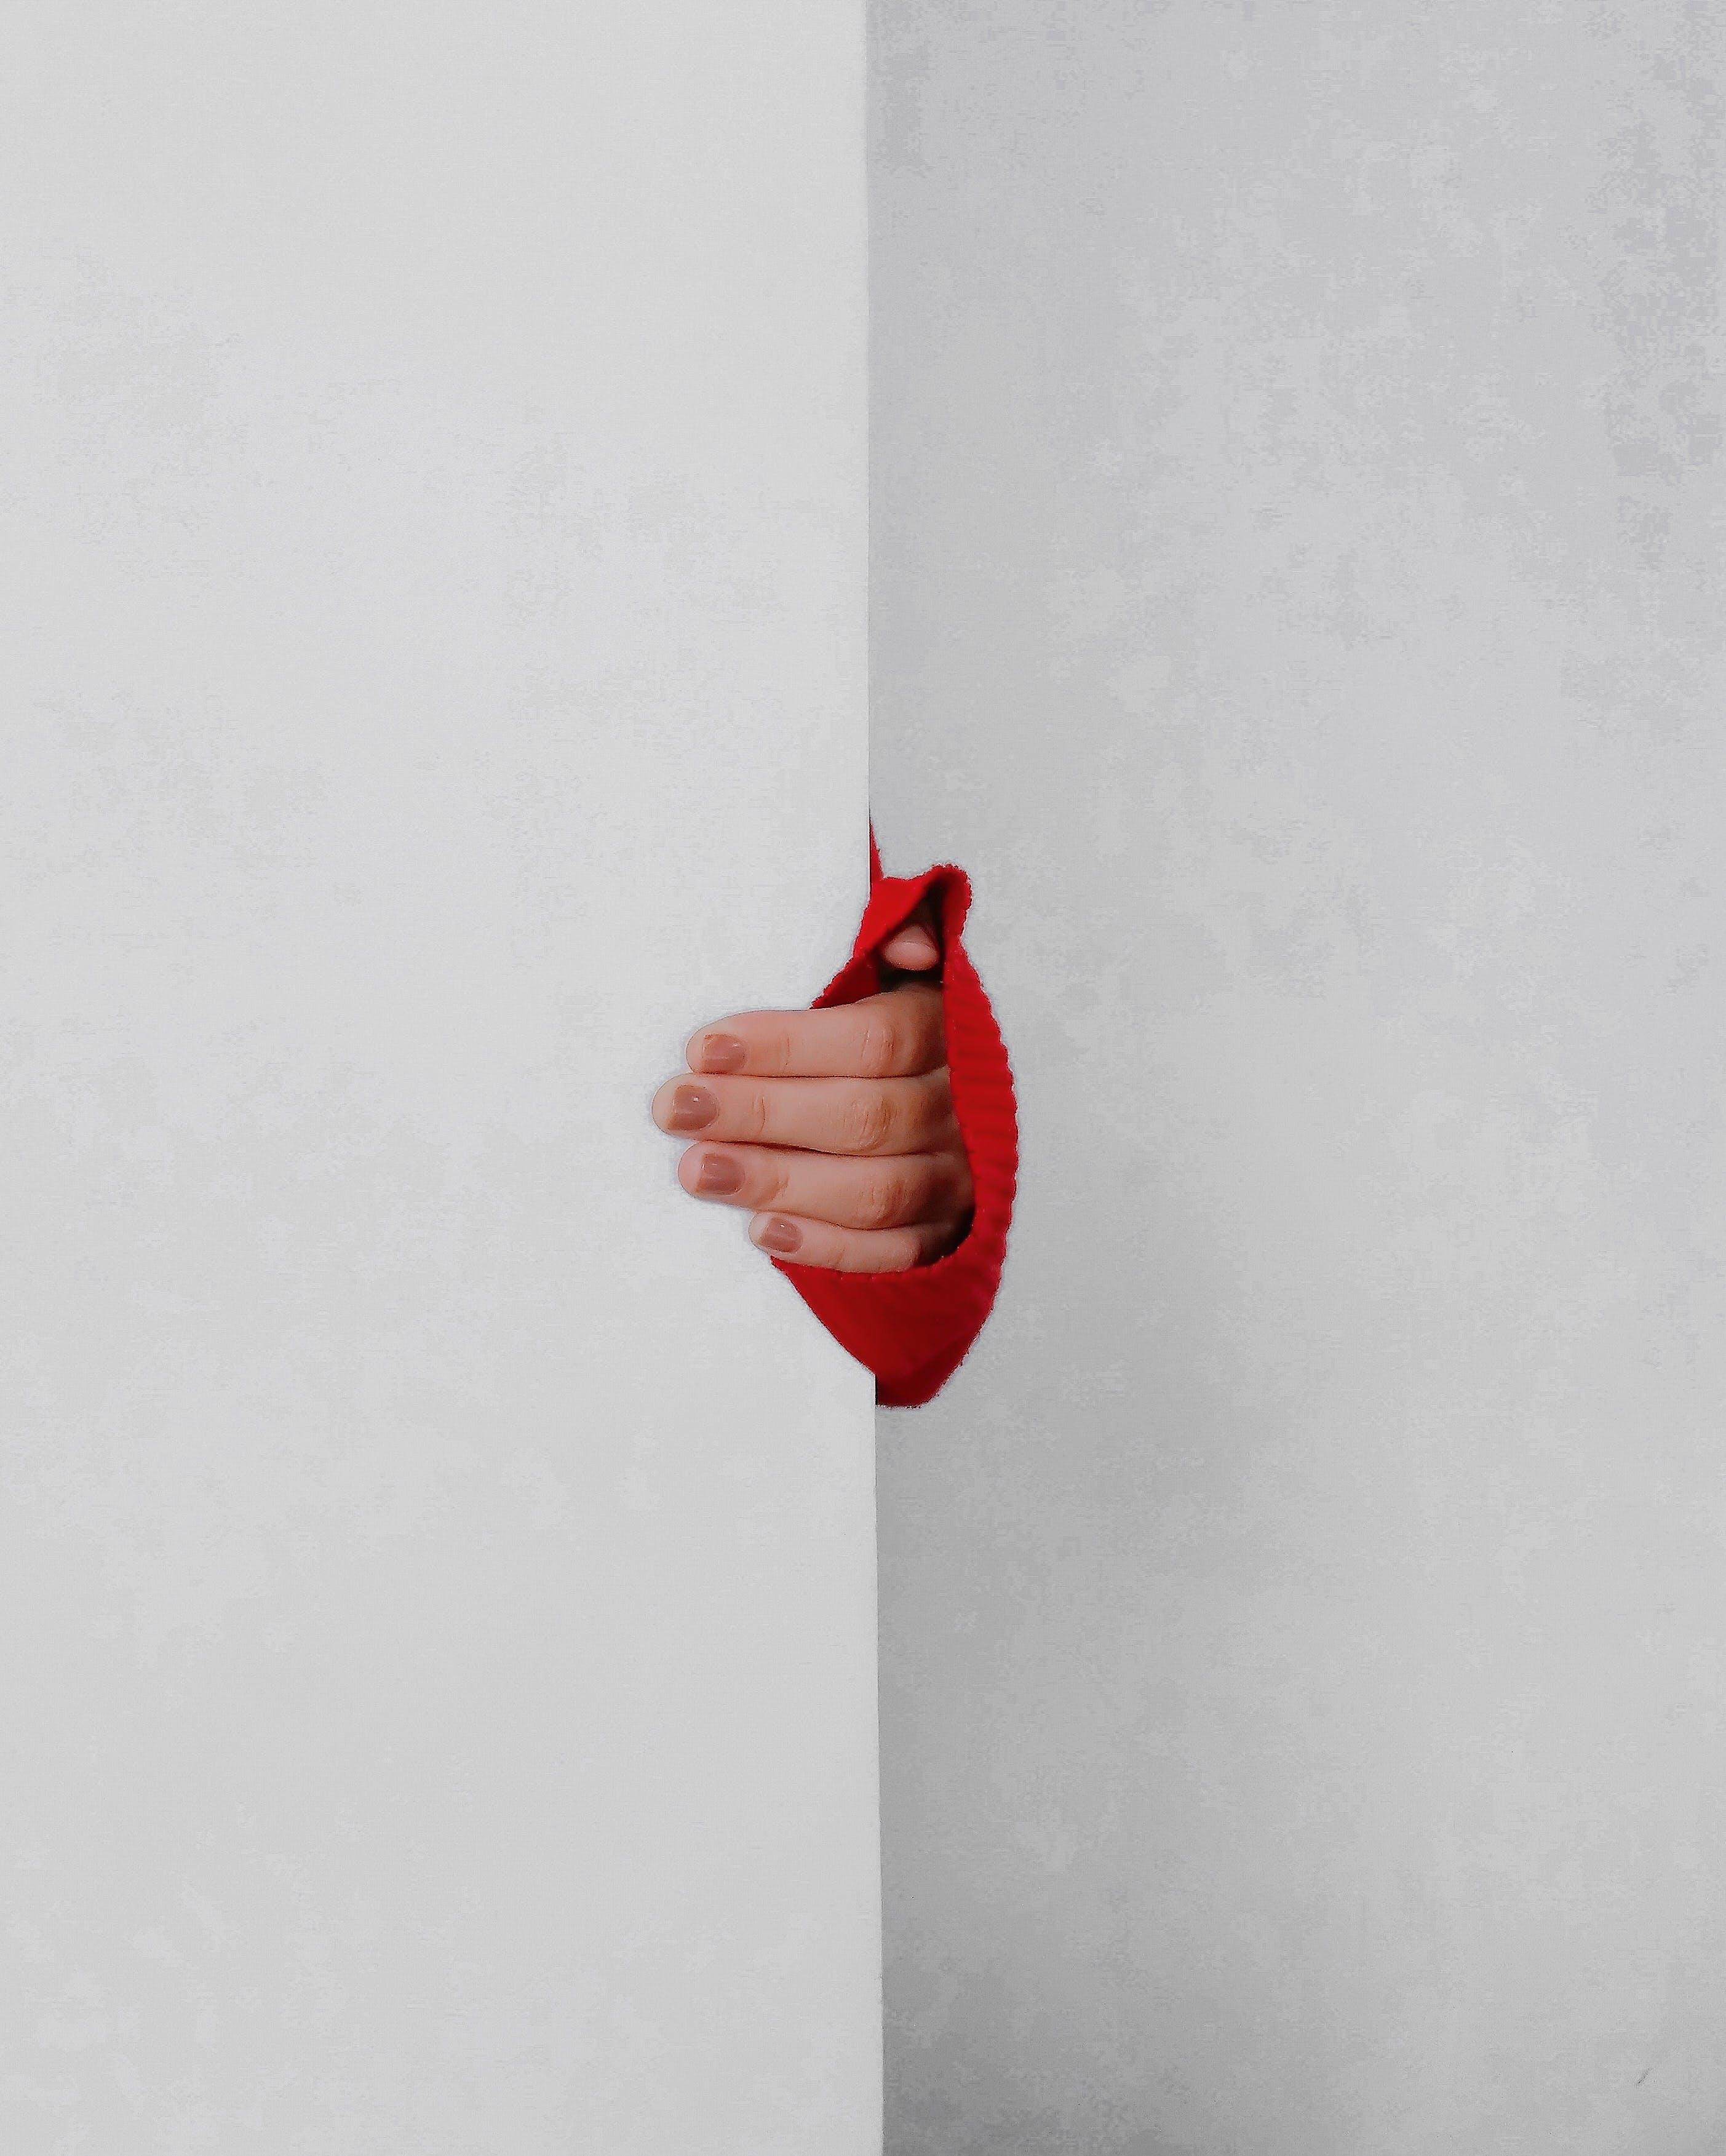 Gratis lagerfoto af fingre, hånd, holde, indendørs